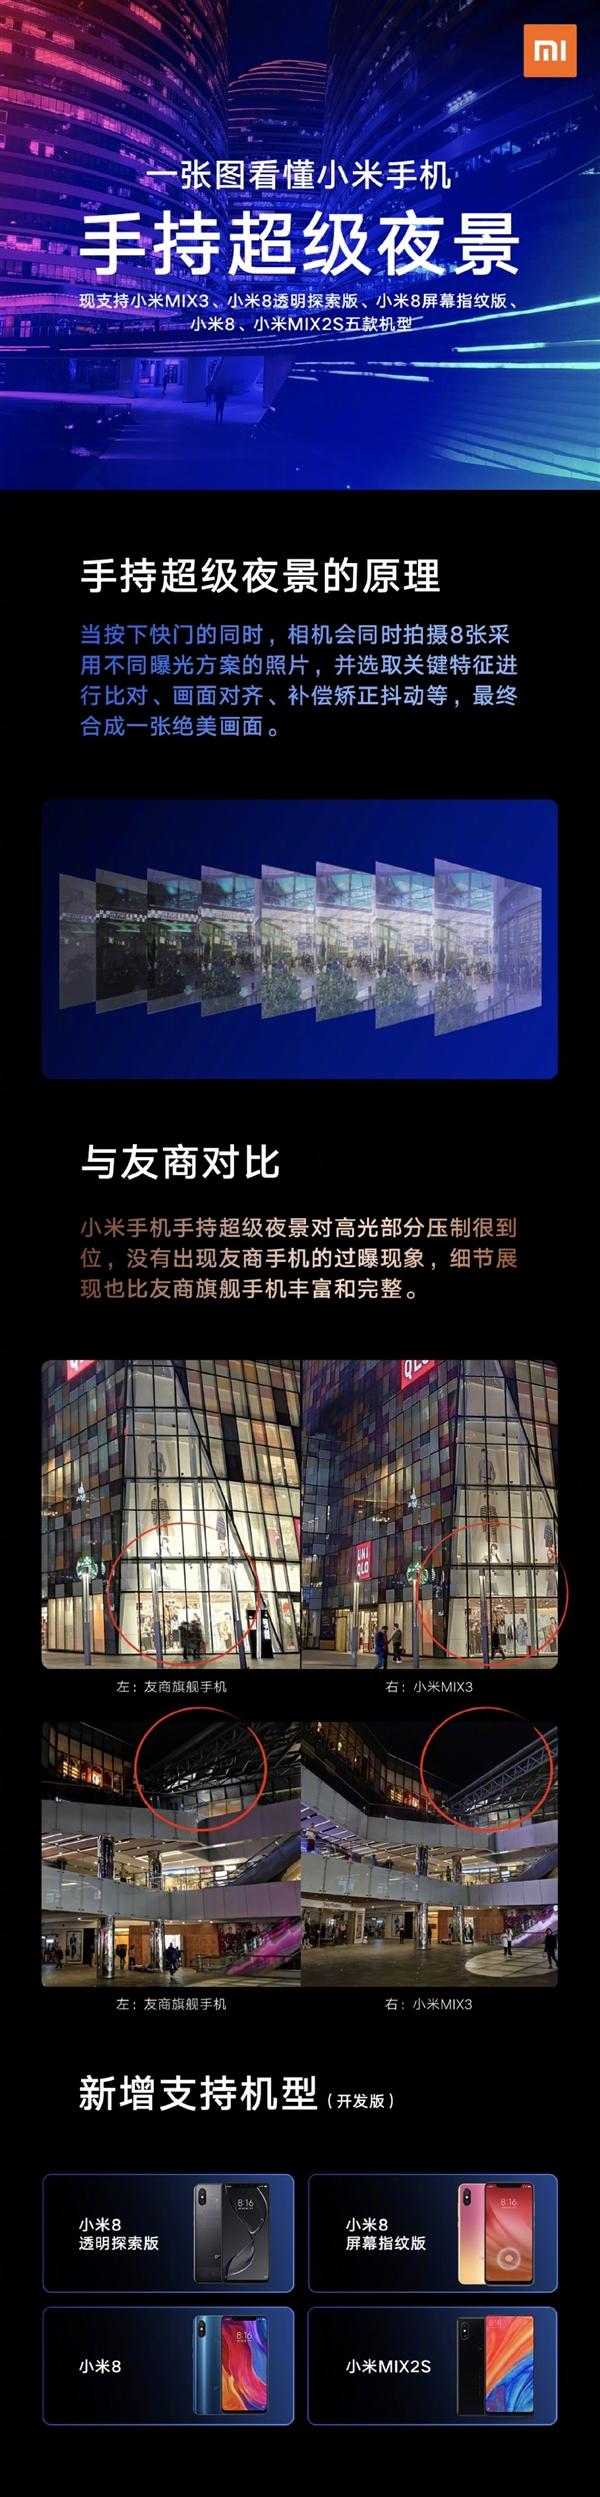 小米8开发版上线手持超级夜景功能的照片 - 2